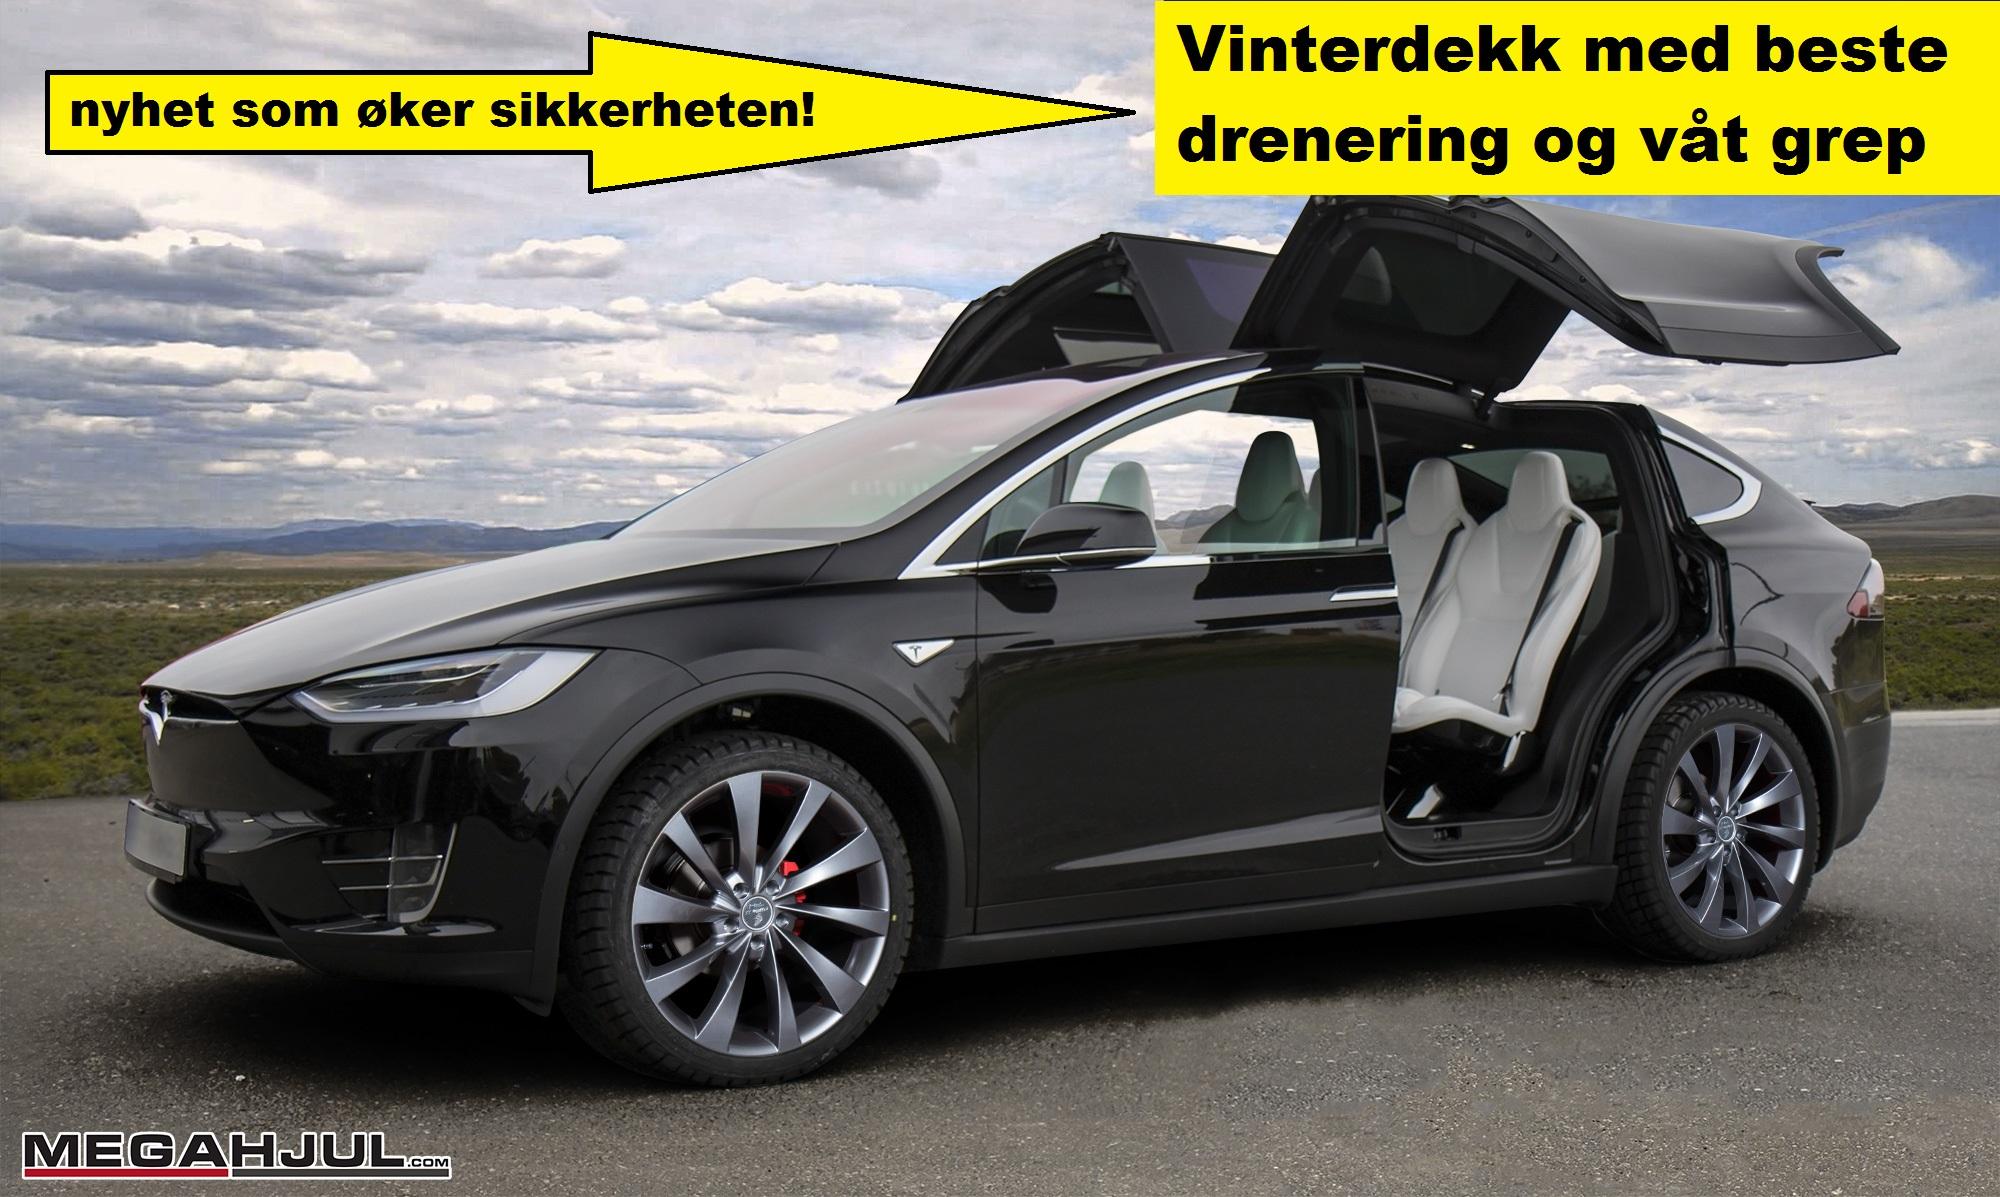 PH turbin2 felger til Tesla Model X med vinterdekk